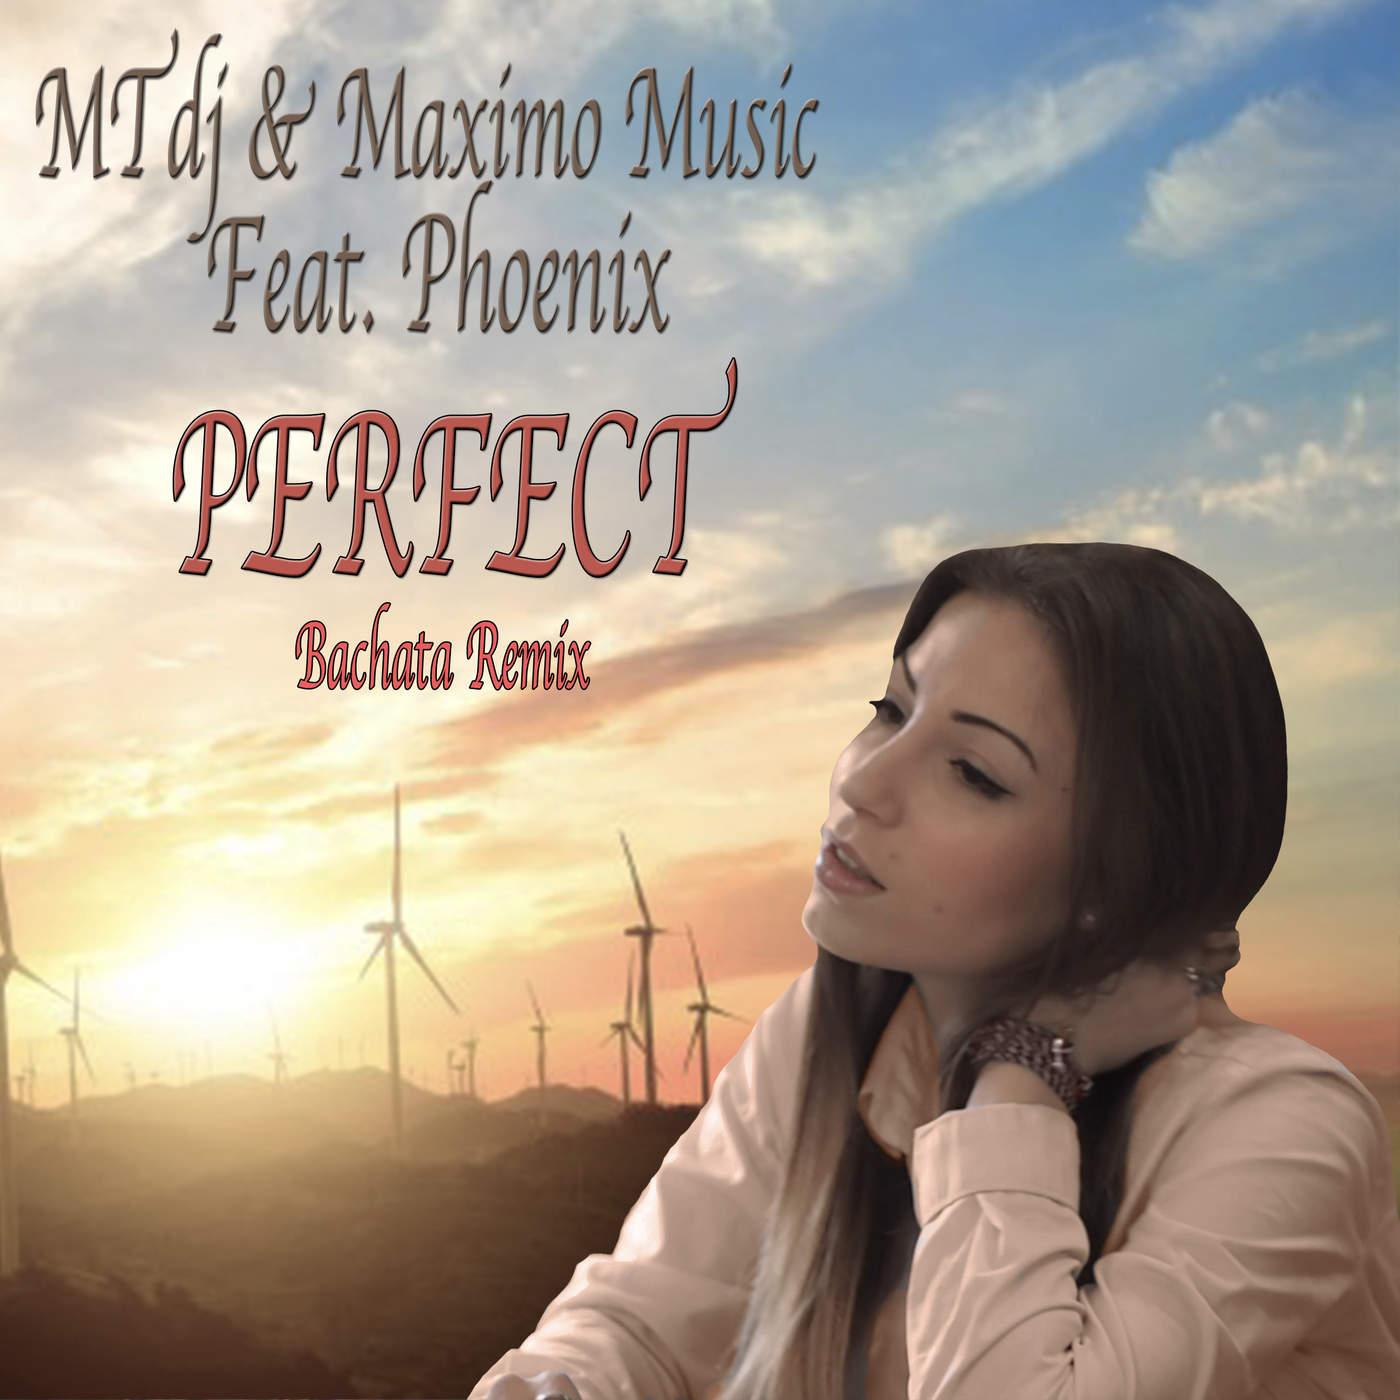 PERFECT (BACHATA REMIX) - PERFECT – SINGLE